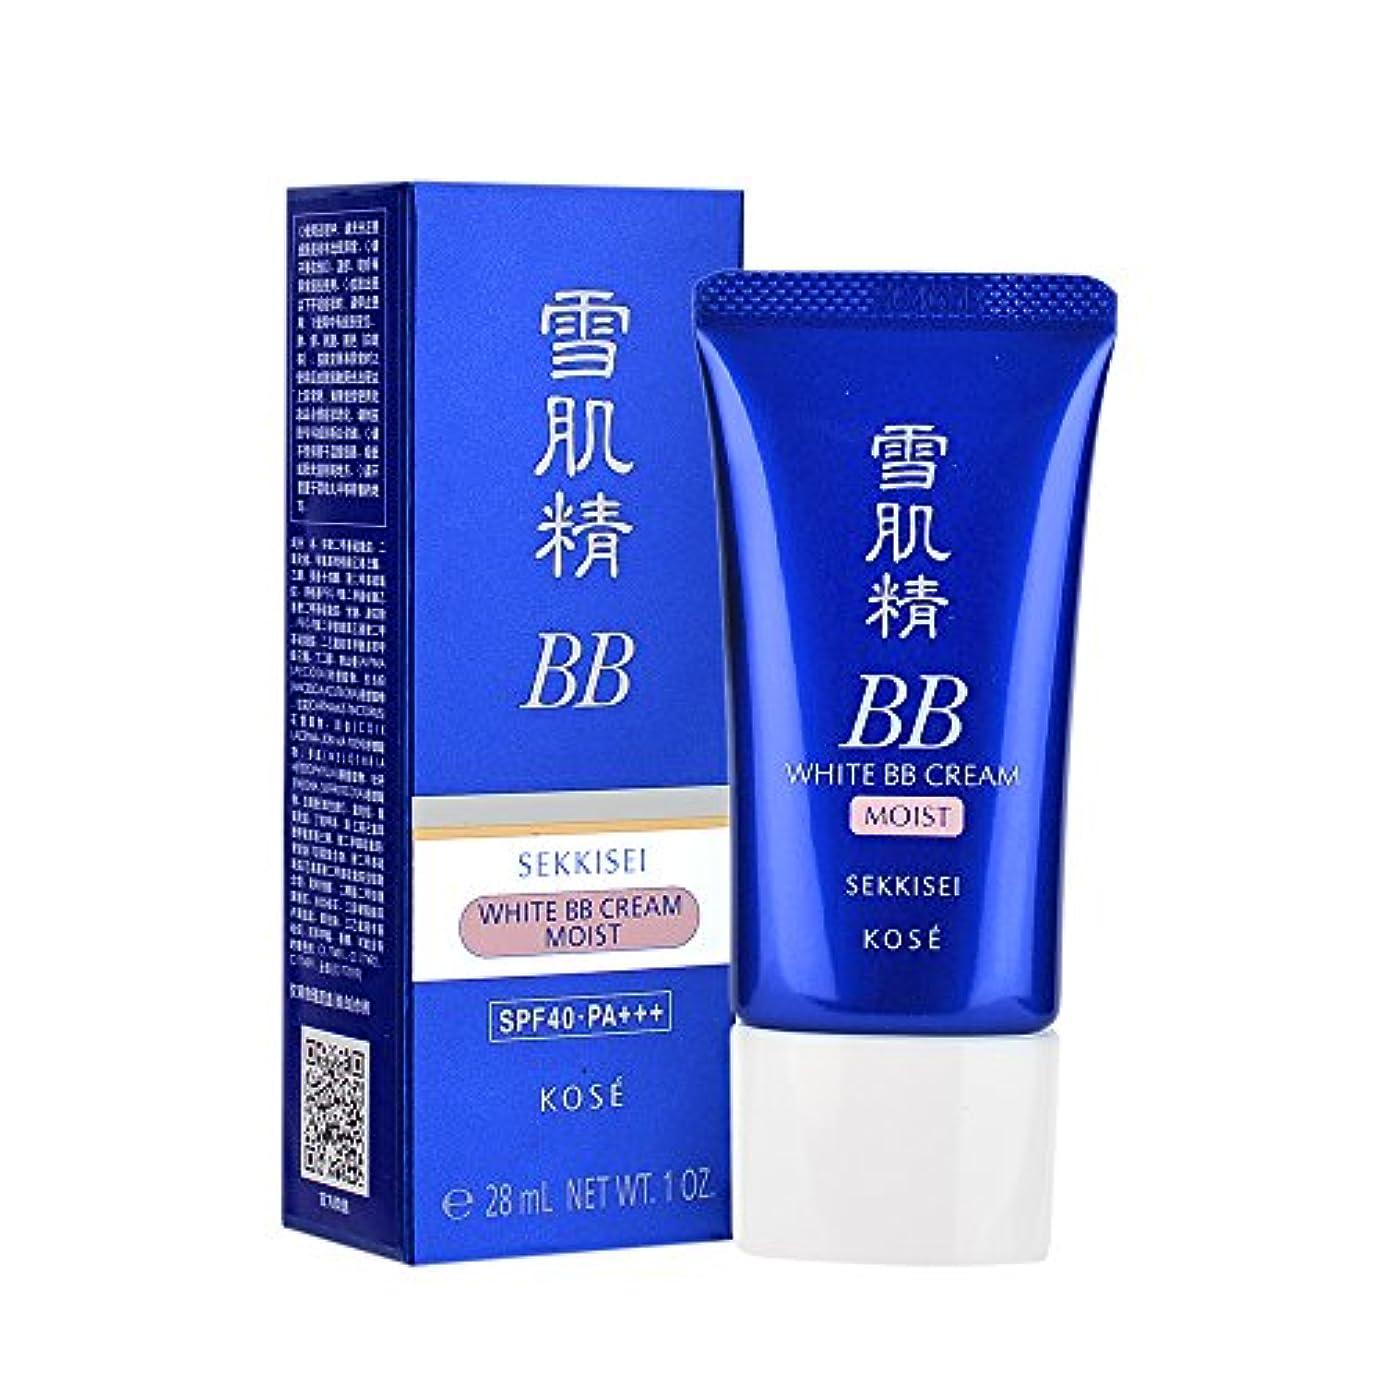 終了する判定主婦コーセー Sekkisei White BB Cream Moist SPF40 PA+++ - # 01 Light Ochre 28ml